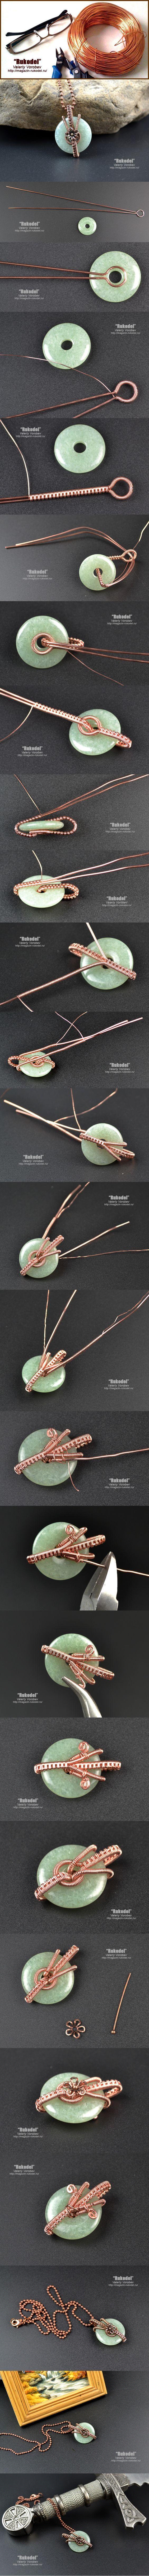 Украшения из натуральных камней.   Рукодел. Wire Wrap Pendant